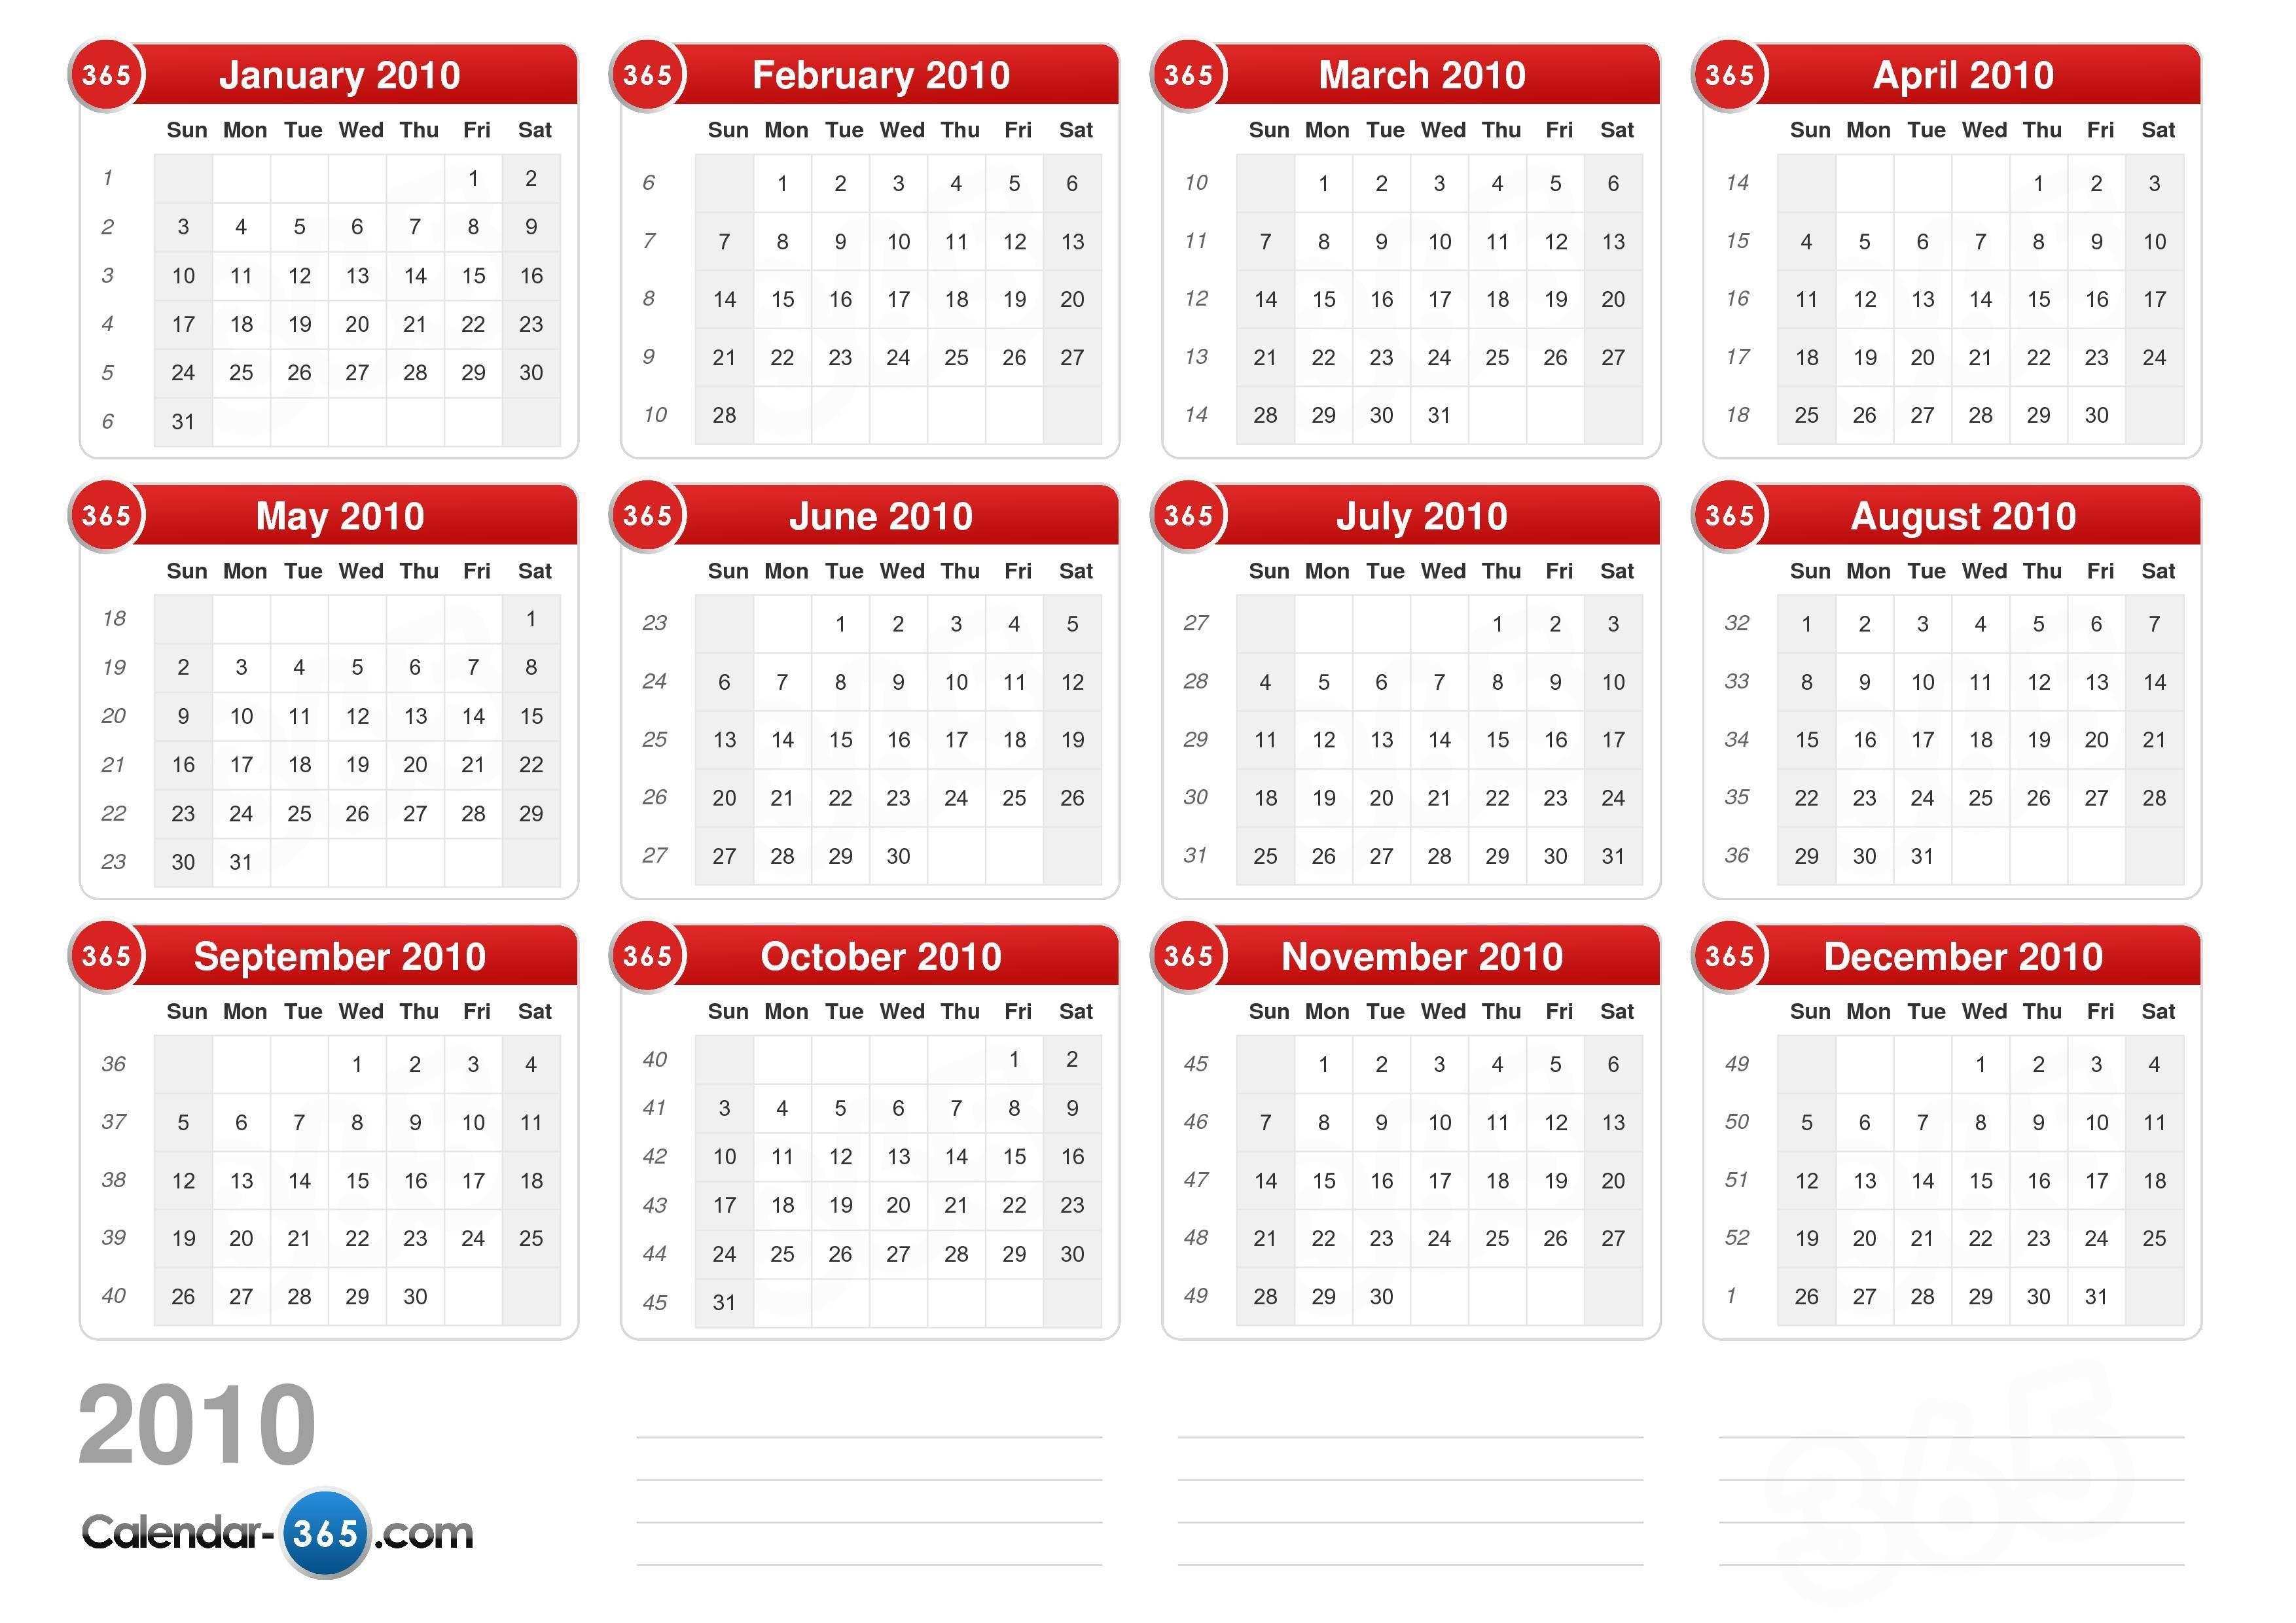 2010 Calendar v2